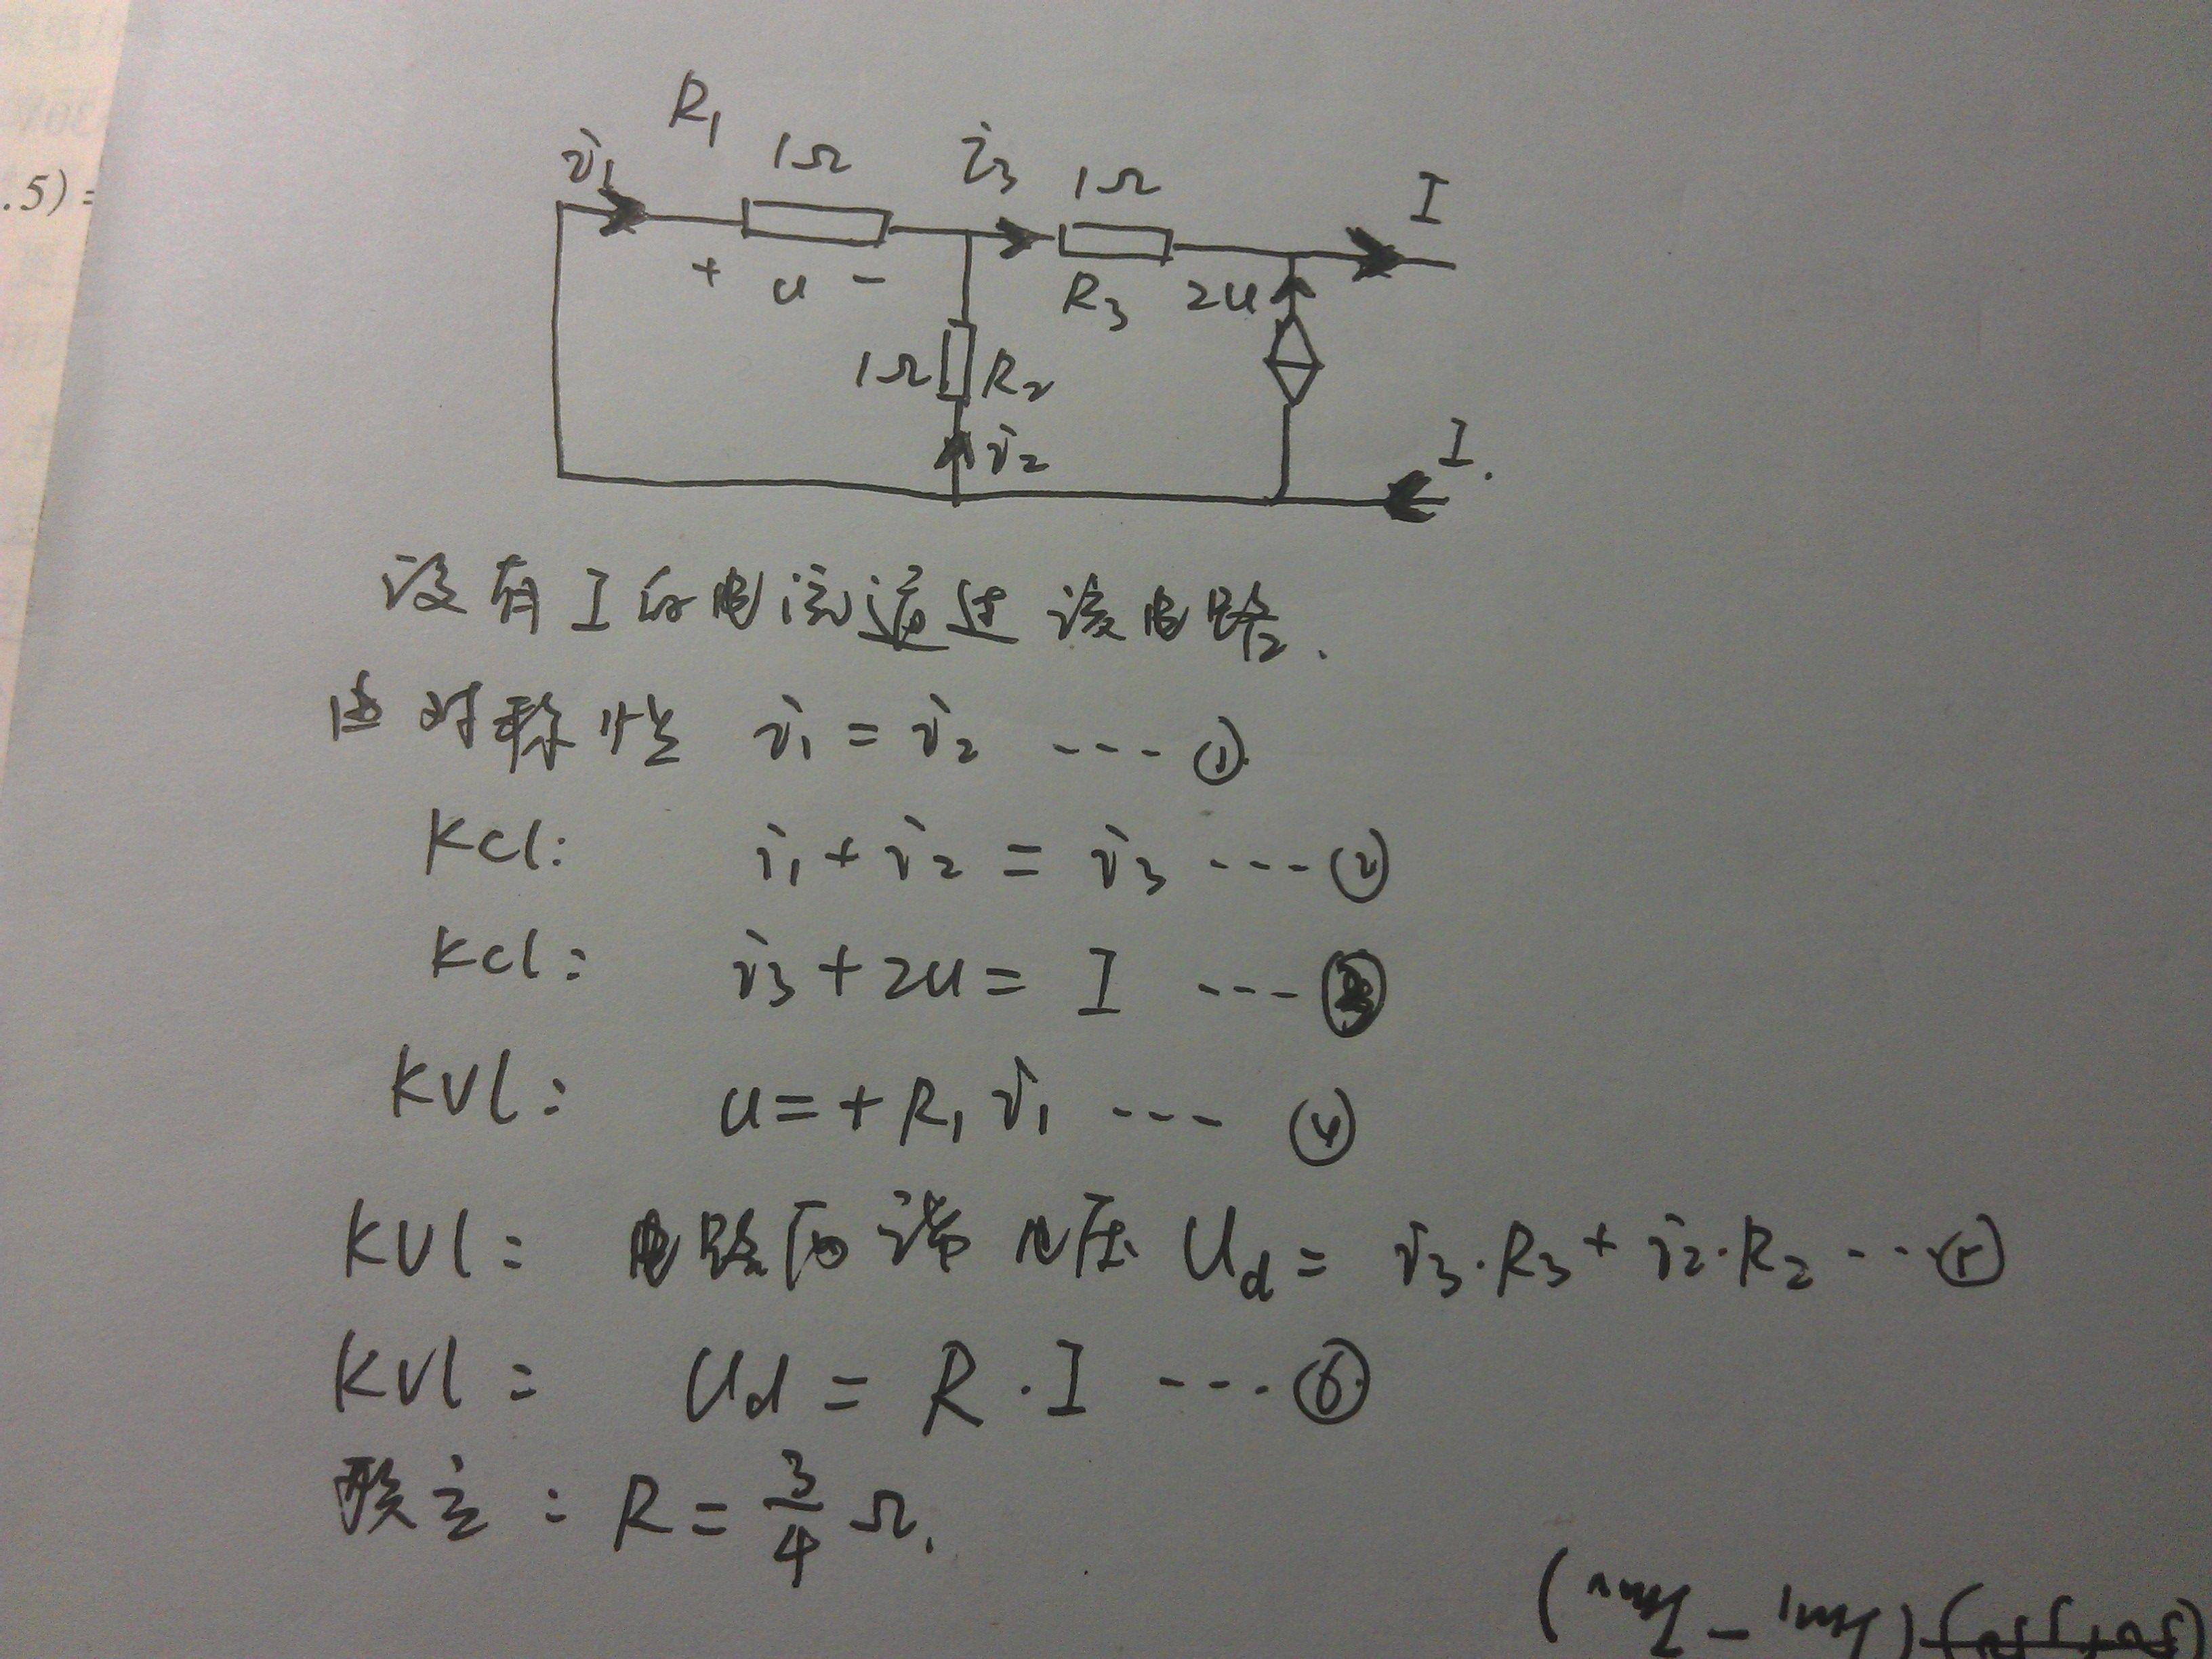 大学电路戴维宁定理.短路电流法求等效电阻.详细过程.